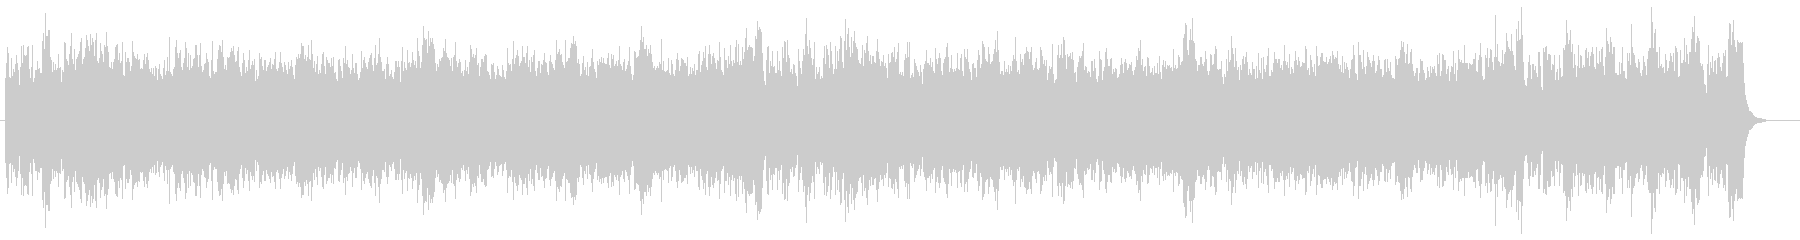 大砲入りクラシック(1812年序曲風)の未再生の波形